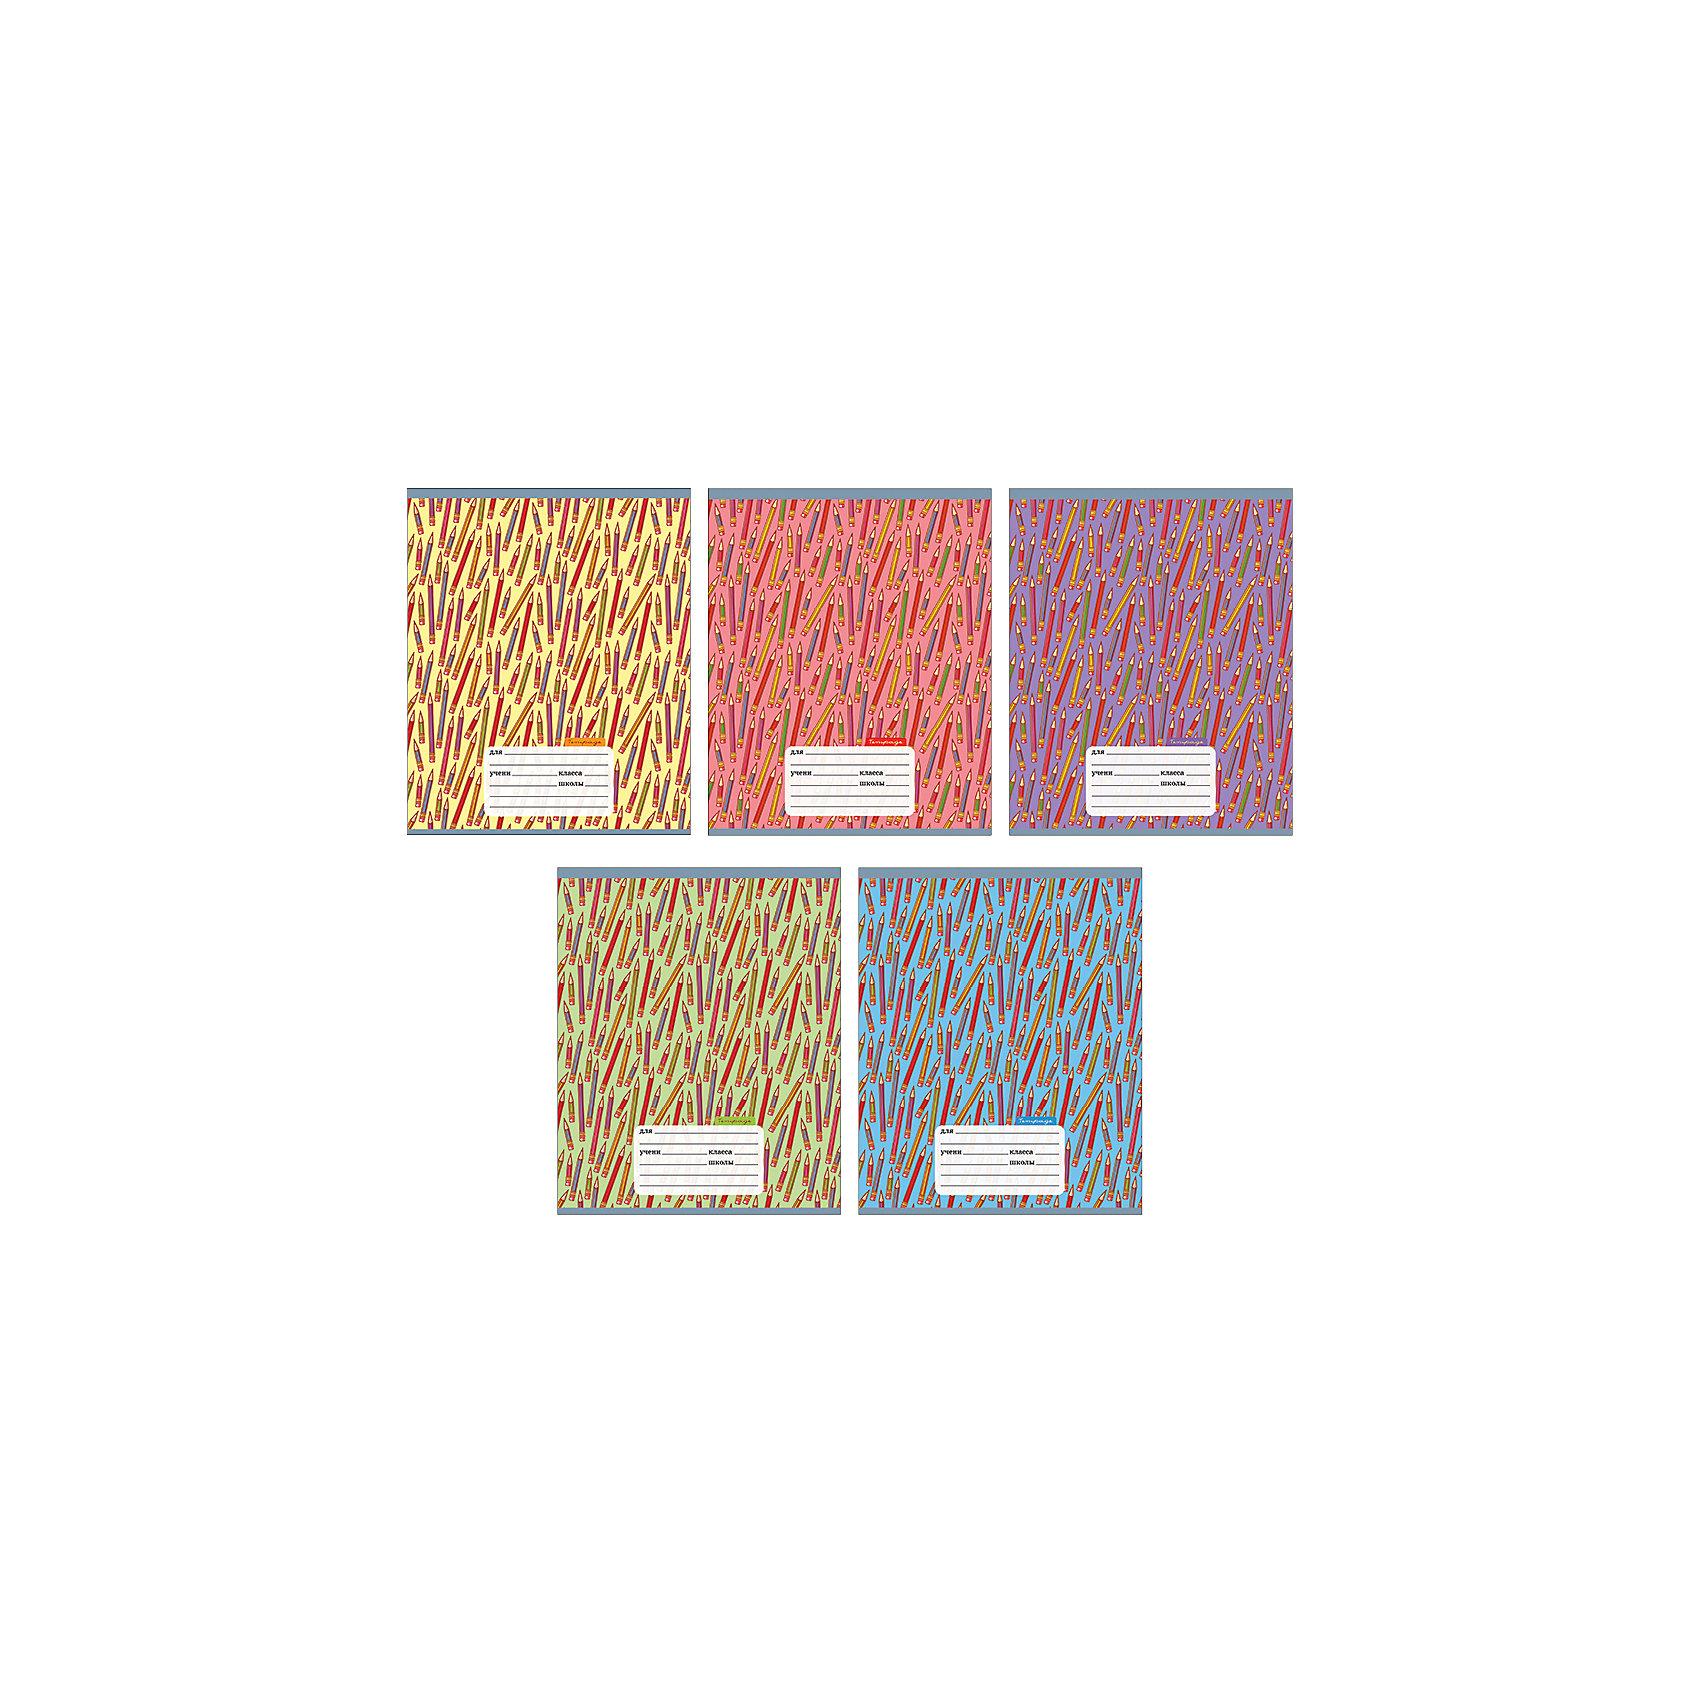 Комплект тетрадей Цветные карандаши (10 шт), 12 листов, Канц-ЭксмоБумажная продукция<br>Характеристики комплекта тетрадей Цветные карандаши:<br><br>• размеры: 20.2х16.3х3.5 см<br>• количество листов: 12 шт.<br>• разлиновка: клетка<br>• формат: А 5 <br>• комплектация: тетрадь<br>• бумага: офсет, плотностью 60 г/м2.<br>• обложка: мелованный картон, выборочный лак <br>• бренд: Канц-Эксмо<br>• страна бренда: Россия<br>• страна производителя: Россия<br><br>Комплект тетрадей Цветные карандаши от производителя Канц-Эксмо выполнен в формате А5. Количество листов 12, тетради в клетку с полями. Крепление: скрепка. Обложка у изделий плотная - мелованный картон, выборочный лак <br><br>Комплект тетрадей Цветные карандаши от производителя Канц-Эксмо можно купить в нашем интернет-магазине.<br><br>Ширина мм: 200<br>Глубина мм: 163<br>Высота мм: 20<br>Вес г: 39<br>Возраст от месяцев: 72<br>Возраст до месяцев: 2147483647<br>Пол: Унисекс<br>Возраст: Детский<br>SKU: 5448384